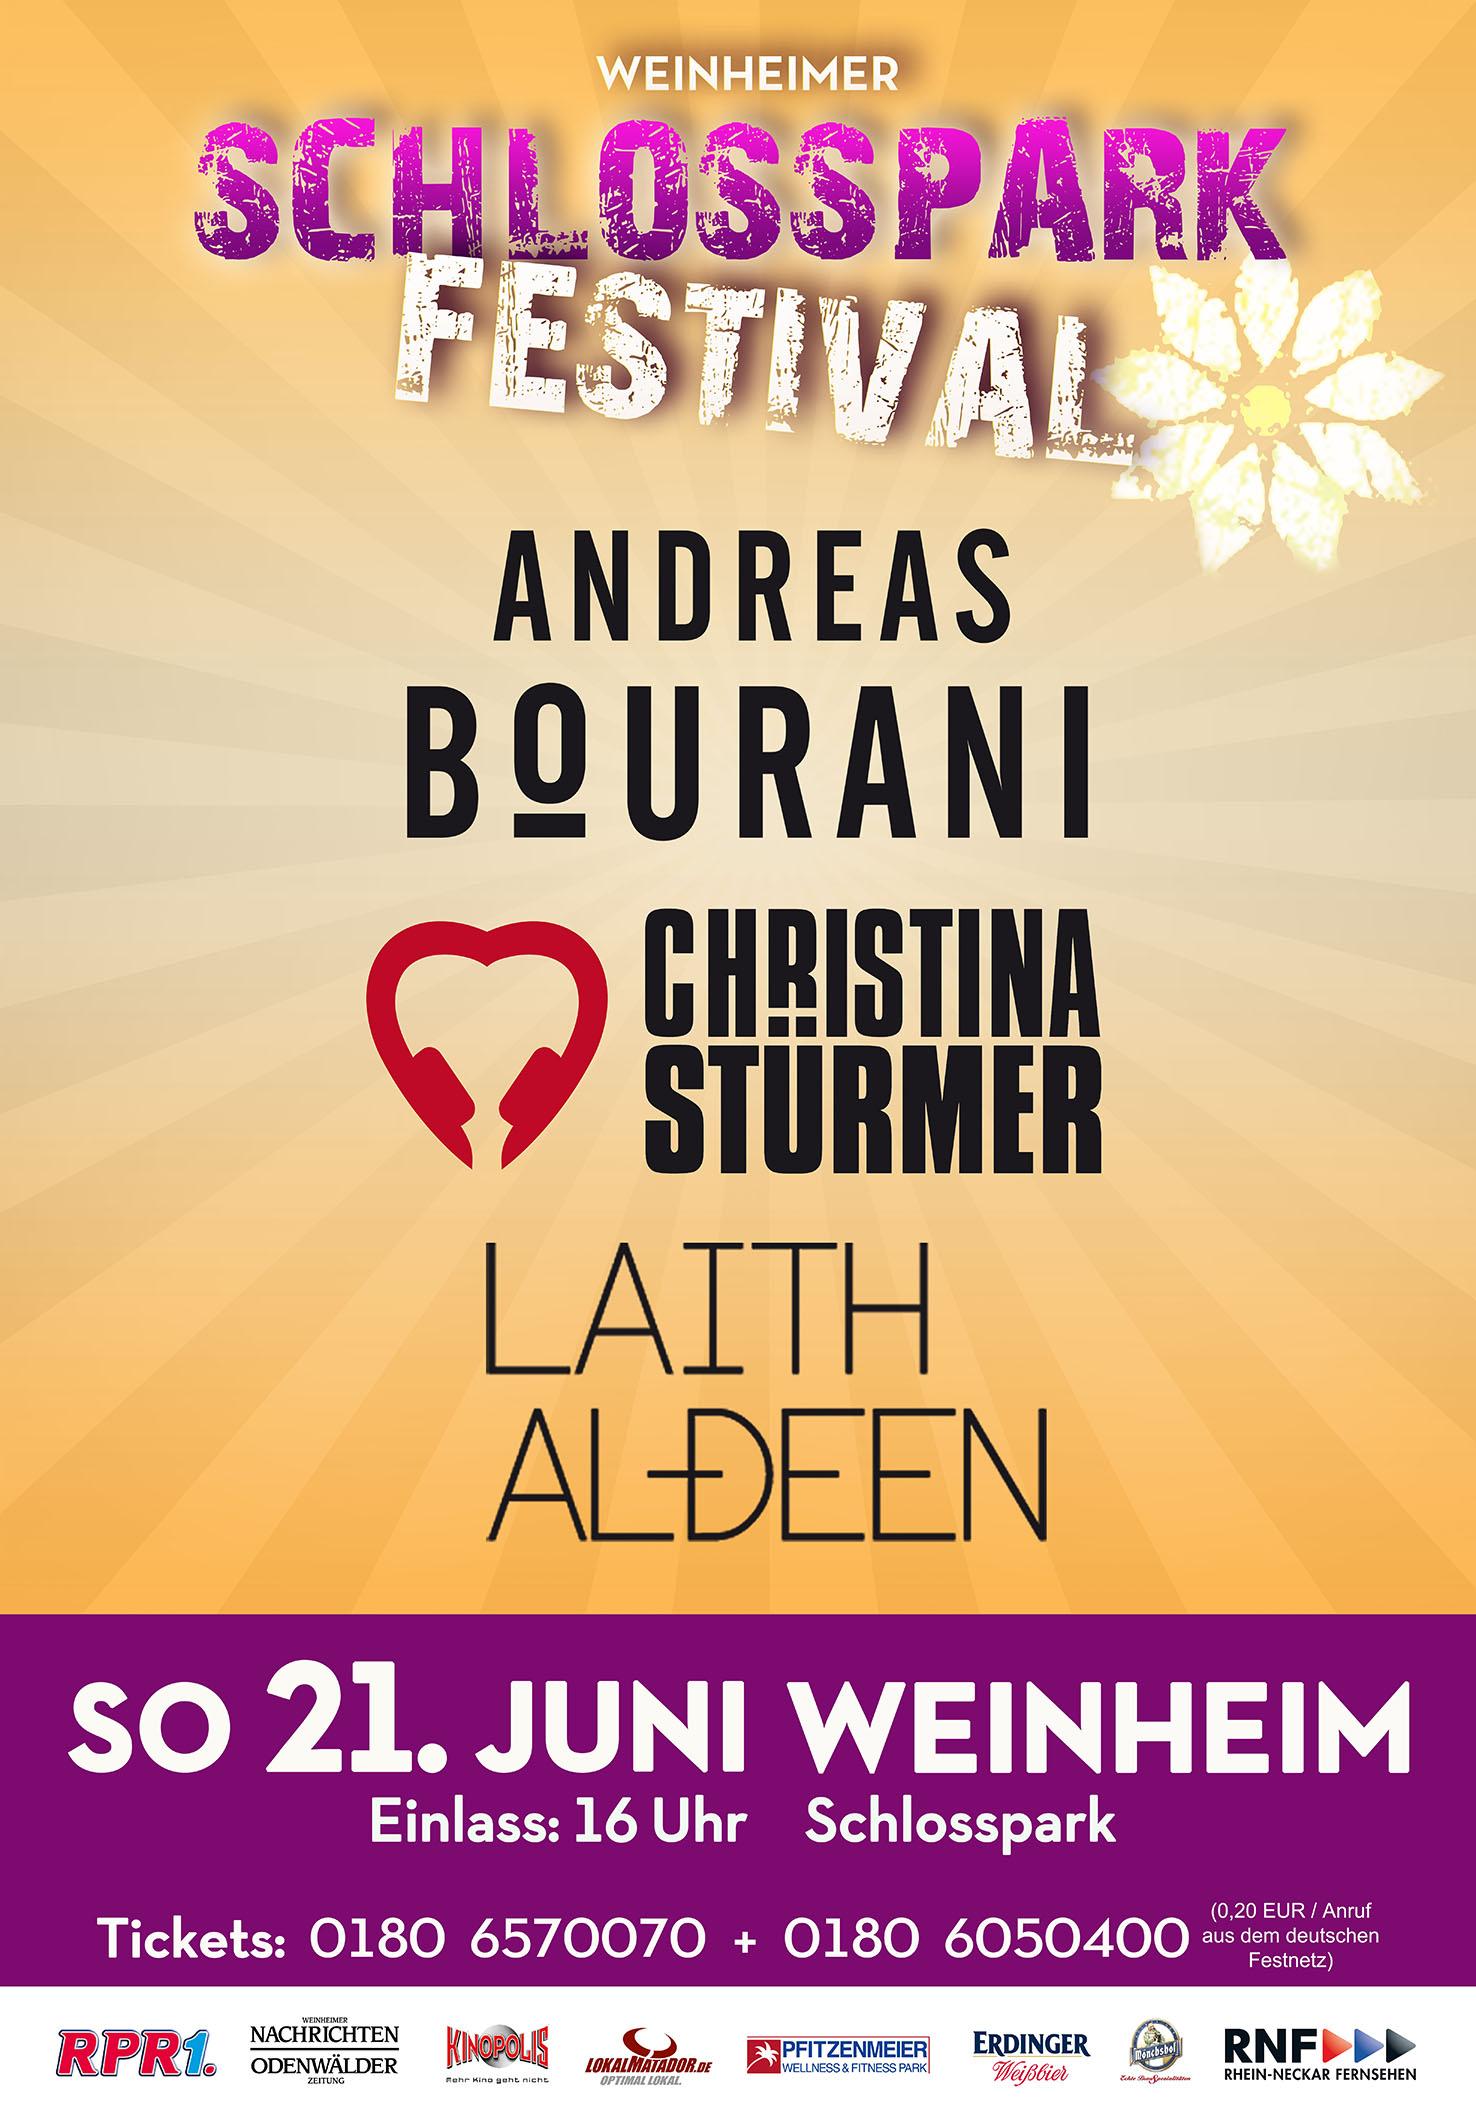 Weinheimer Schlossparkfestival